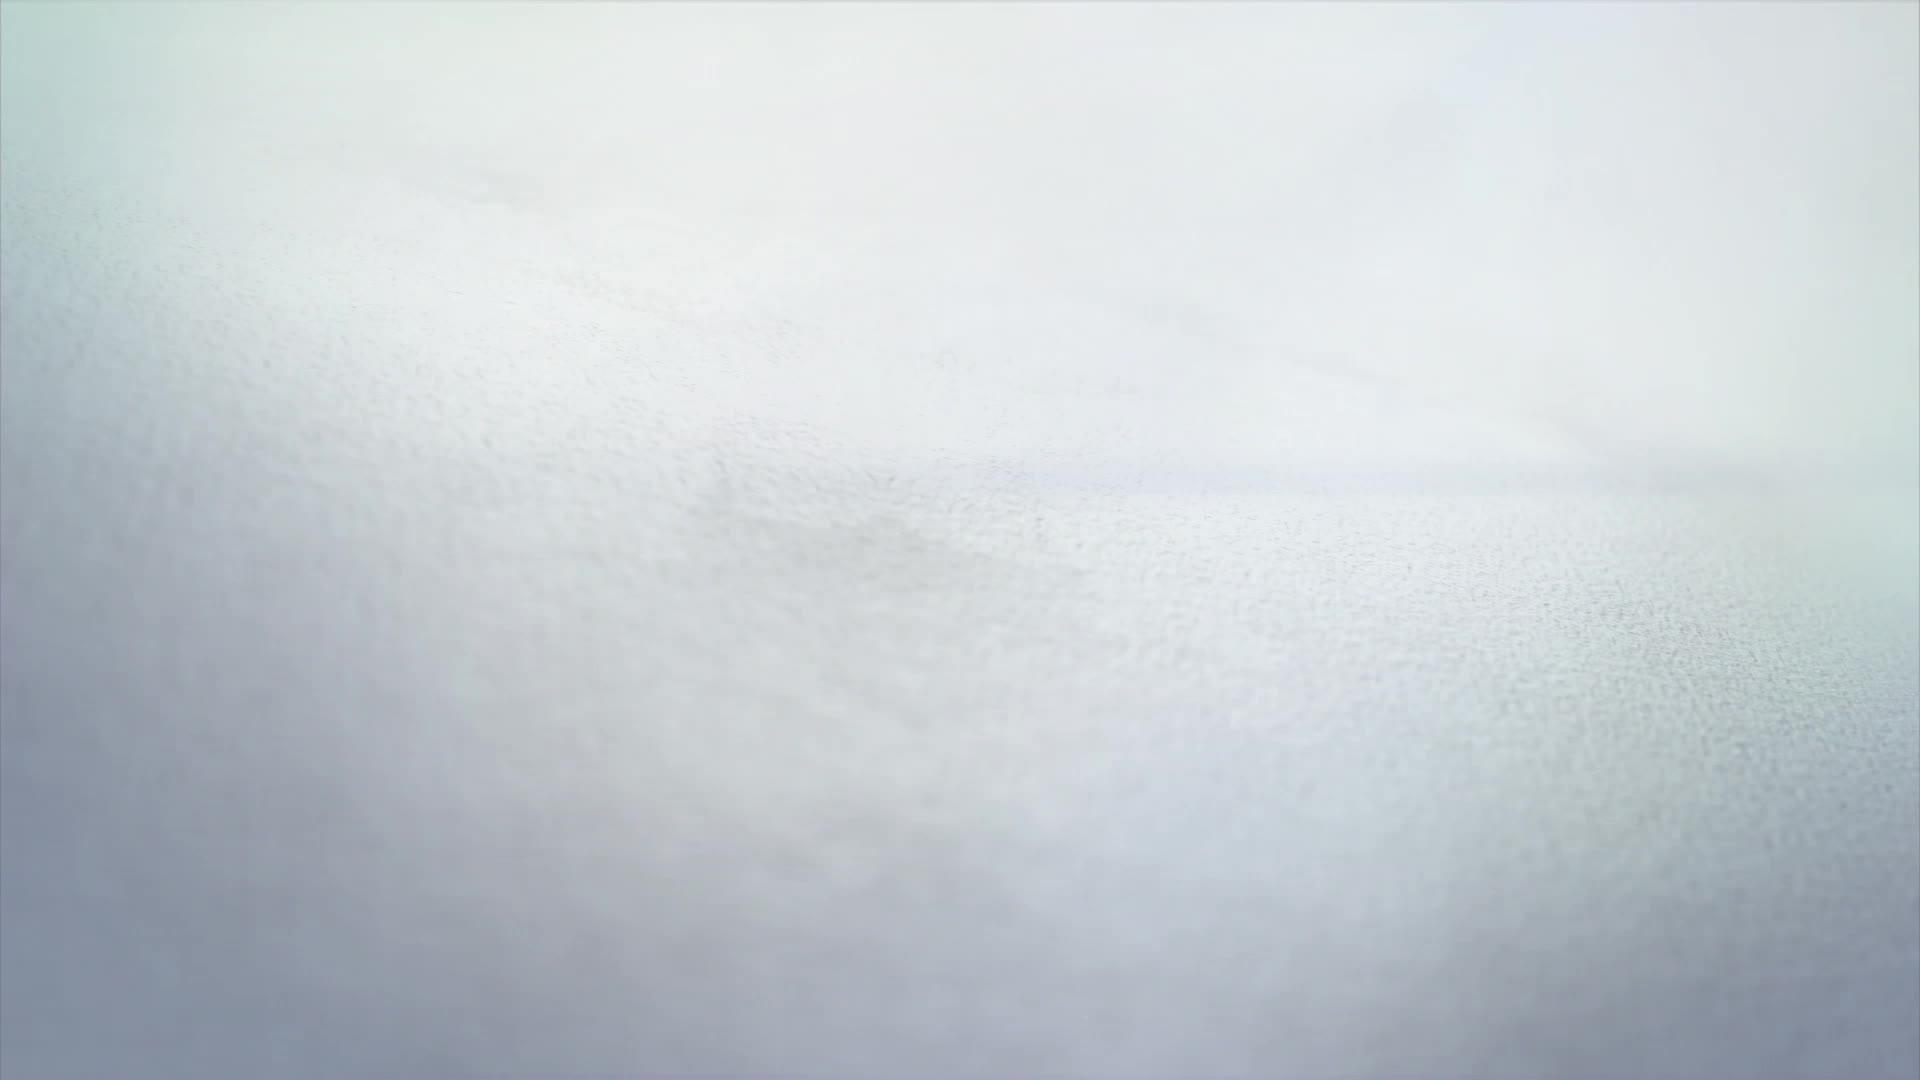 Wearable muslin cotton fleece soft baby blanket